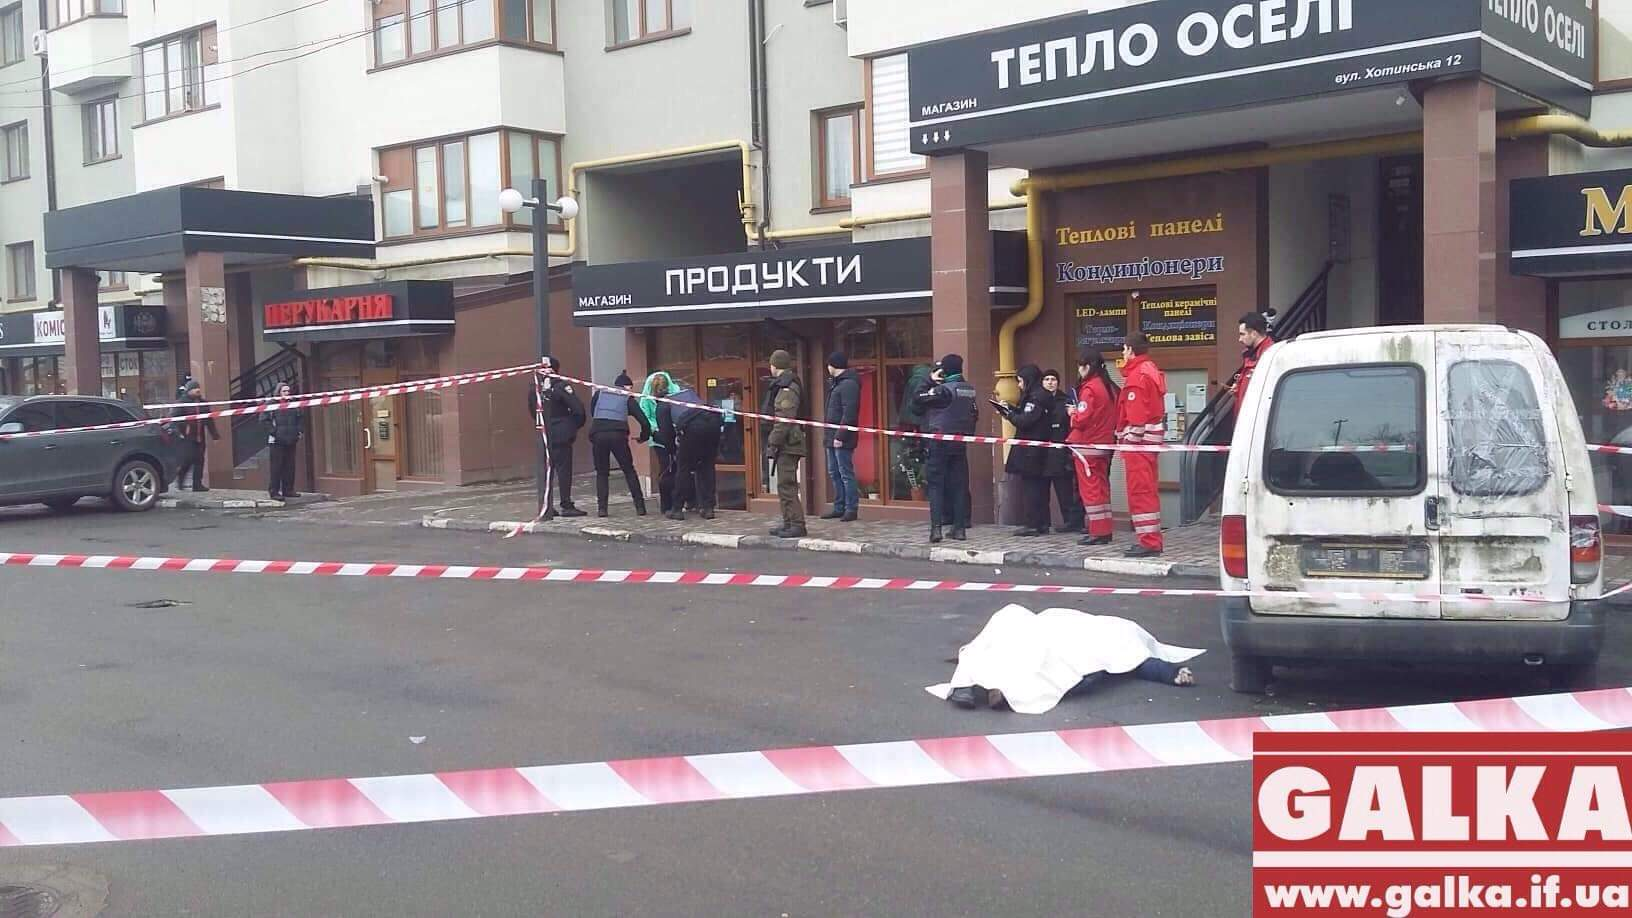 Автомобіль, який міг бути причетний до вбивства у Франківську, знайшли спаленим (ФОТО)